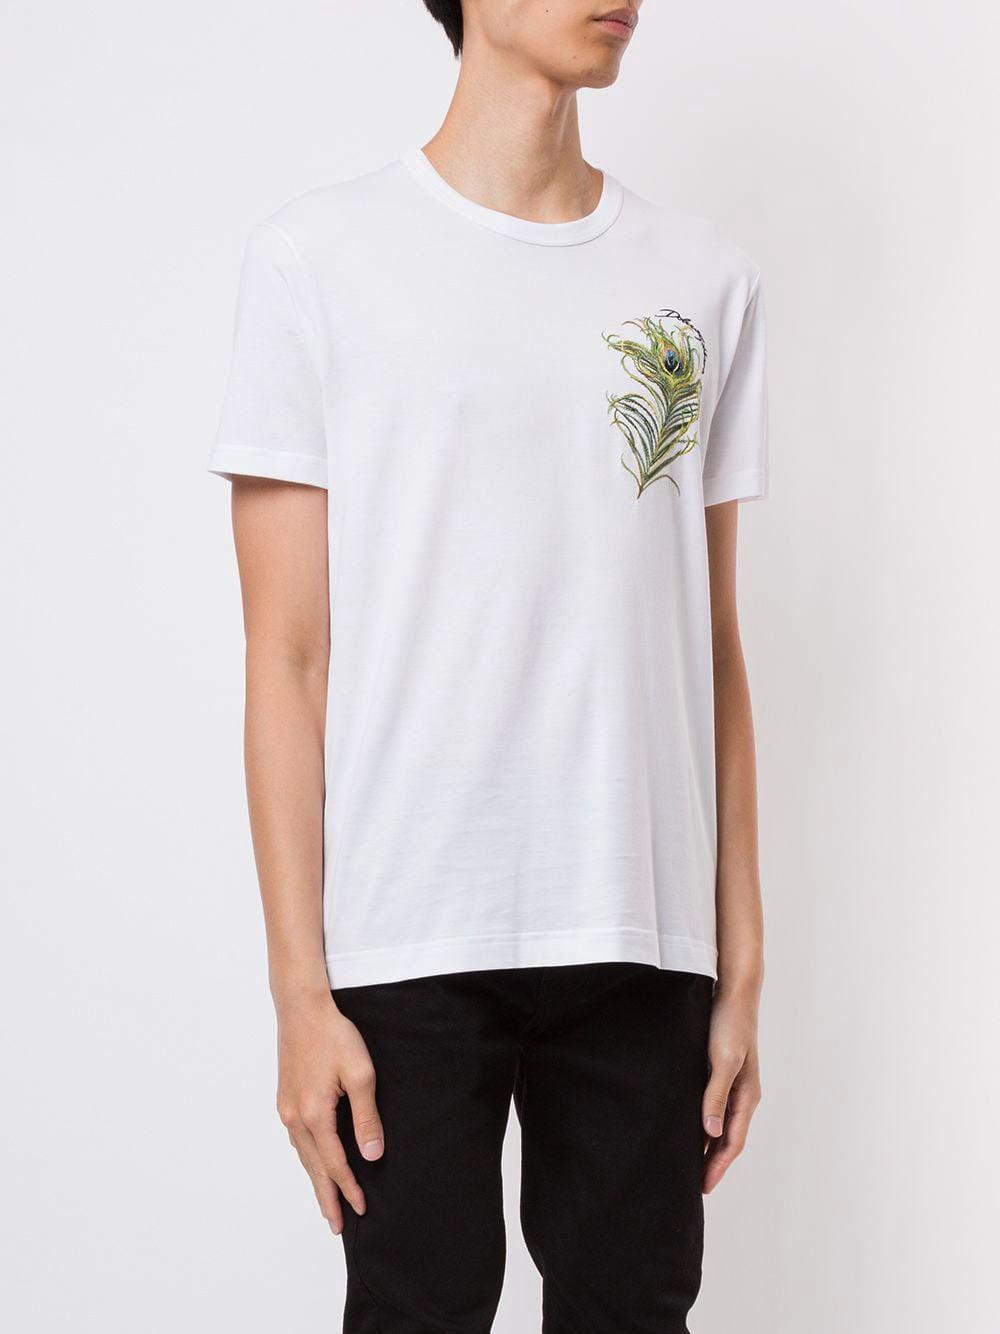 크라운 킹 디자이너 망 티셔츠 # D022 Milano Off Summer Fashion Tees Luxurys 클래식 Royal Streetwear 화이트 Tshirts Lable BB가있는 캐주얼 의류